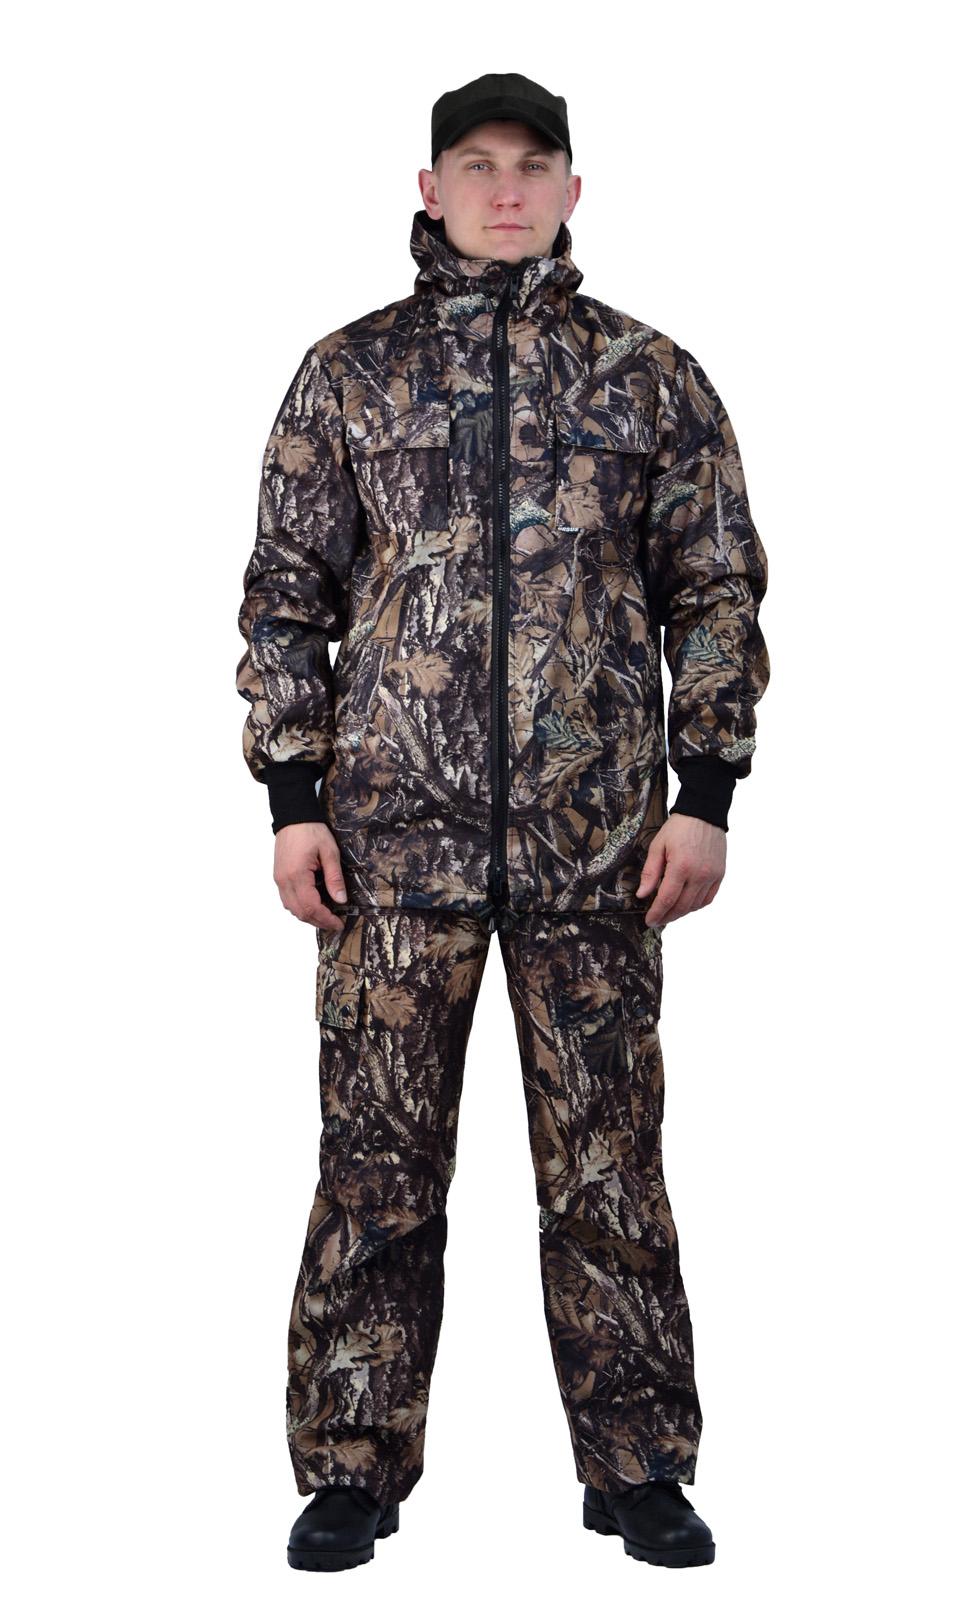 Костюм мужской Тройка демисезонный кмф Костюмы утепленные<br>Костюм состоит из куртки, брюк и жилета <br>Жилет утепленный: * воротник стойка * центральная <br>застежка на молнию * нагрудные объемные <br>накладные карманы с застежкой липучку * <br>нижние многофункциональные накладные объемные <br>карманы на молнии и липучке * внутренний <br>карман для документов Куртка с капюшоном <br>на подкладке из сетки: * центральная застежка <br>молнию * притачной капюшон с регулировкой <br>объема по лицевому вырезу * низ куртки регулируется <br>по объему эластичным шнуром * рукава с трикотажными <br>манжетами * нагрудные накладные объемные <br>карманы с клапанами на липучке * нижние <br>прорезные карманы с листочкой Брюки на <br>подкладке из сетки: * пояс с эластичной лентой <br>со шлевками под широкий ремень * защипы <br>в области коленей обеспечивают свободу <br>движения * боковые накладные объемные карманы <br>с клапанами на кнопках<br><br>Пол: мужской<br>Размер: 48-50<br>Рост: 170-176<br>Сезон: демисезонный<br>Материал: Алова 100% полиэстер